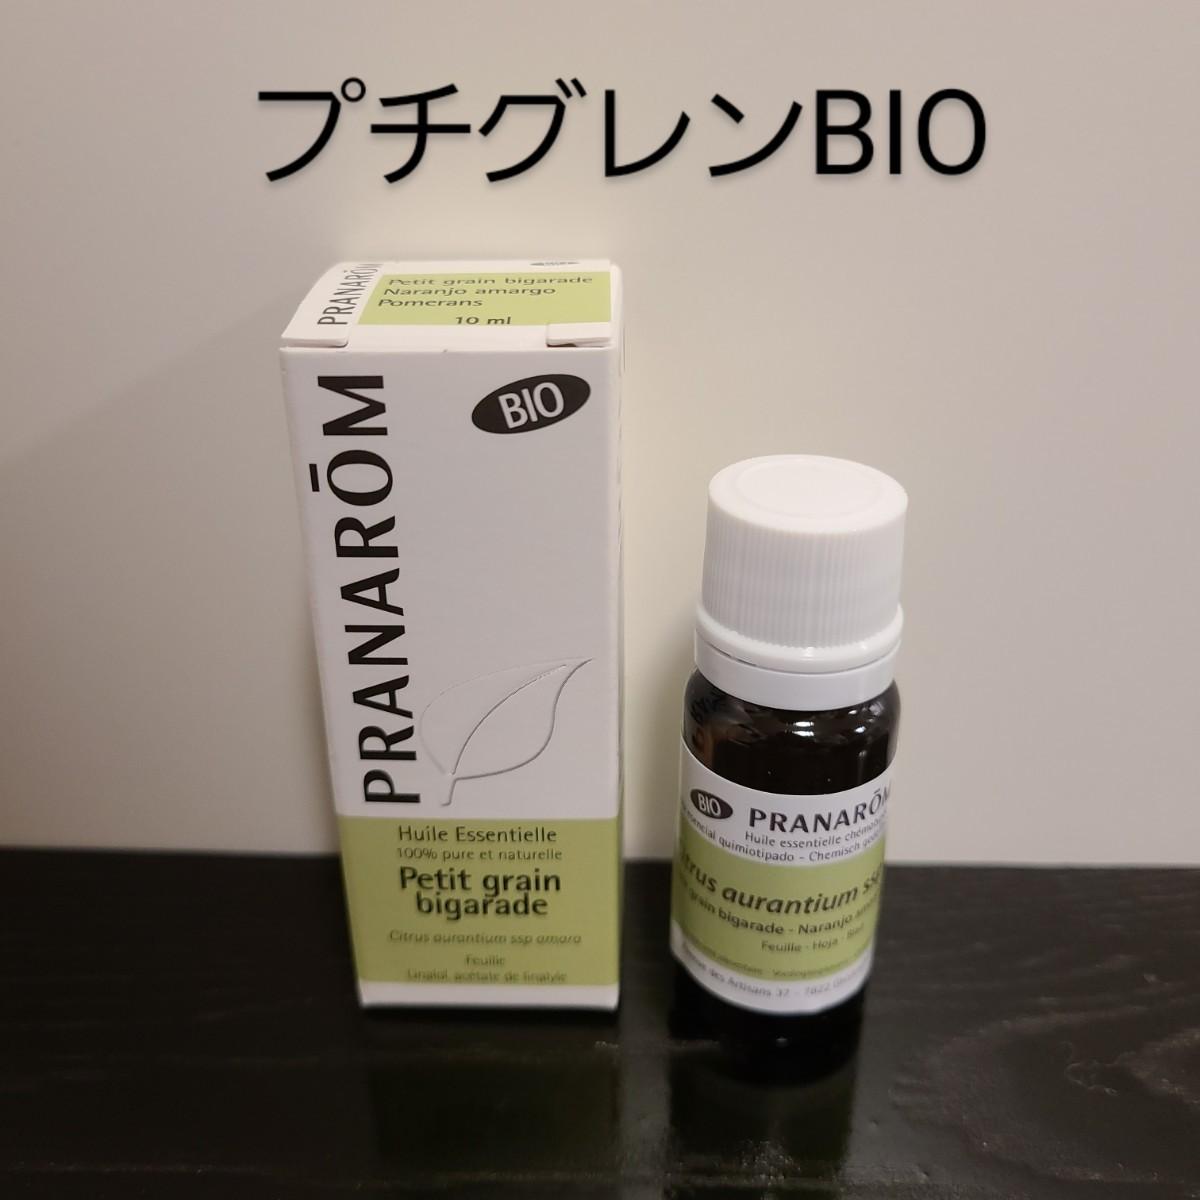 プラナロム プチグレンBIO 10ml 新品